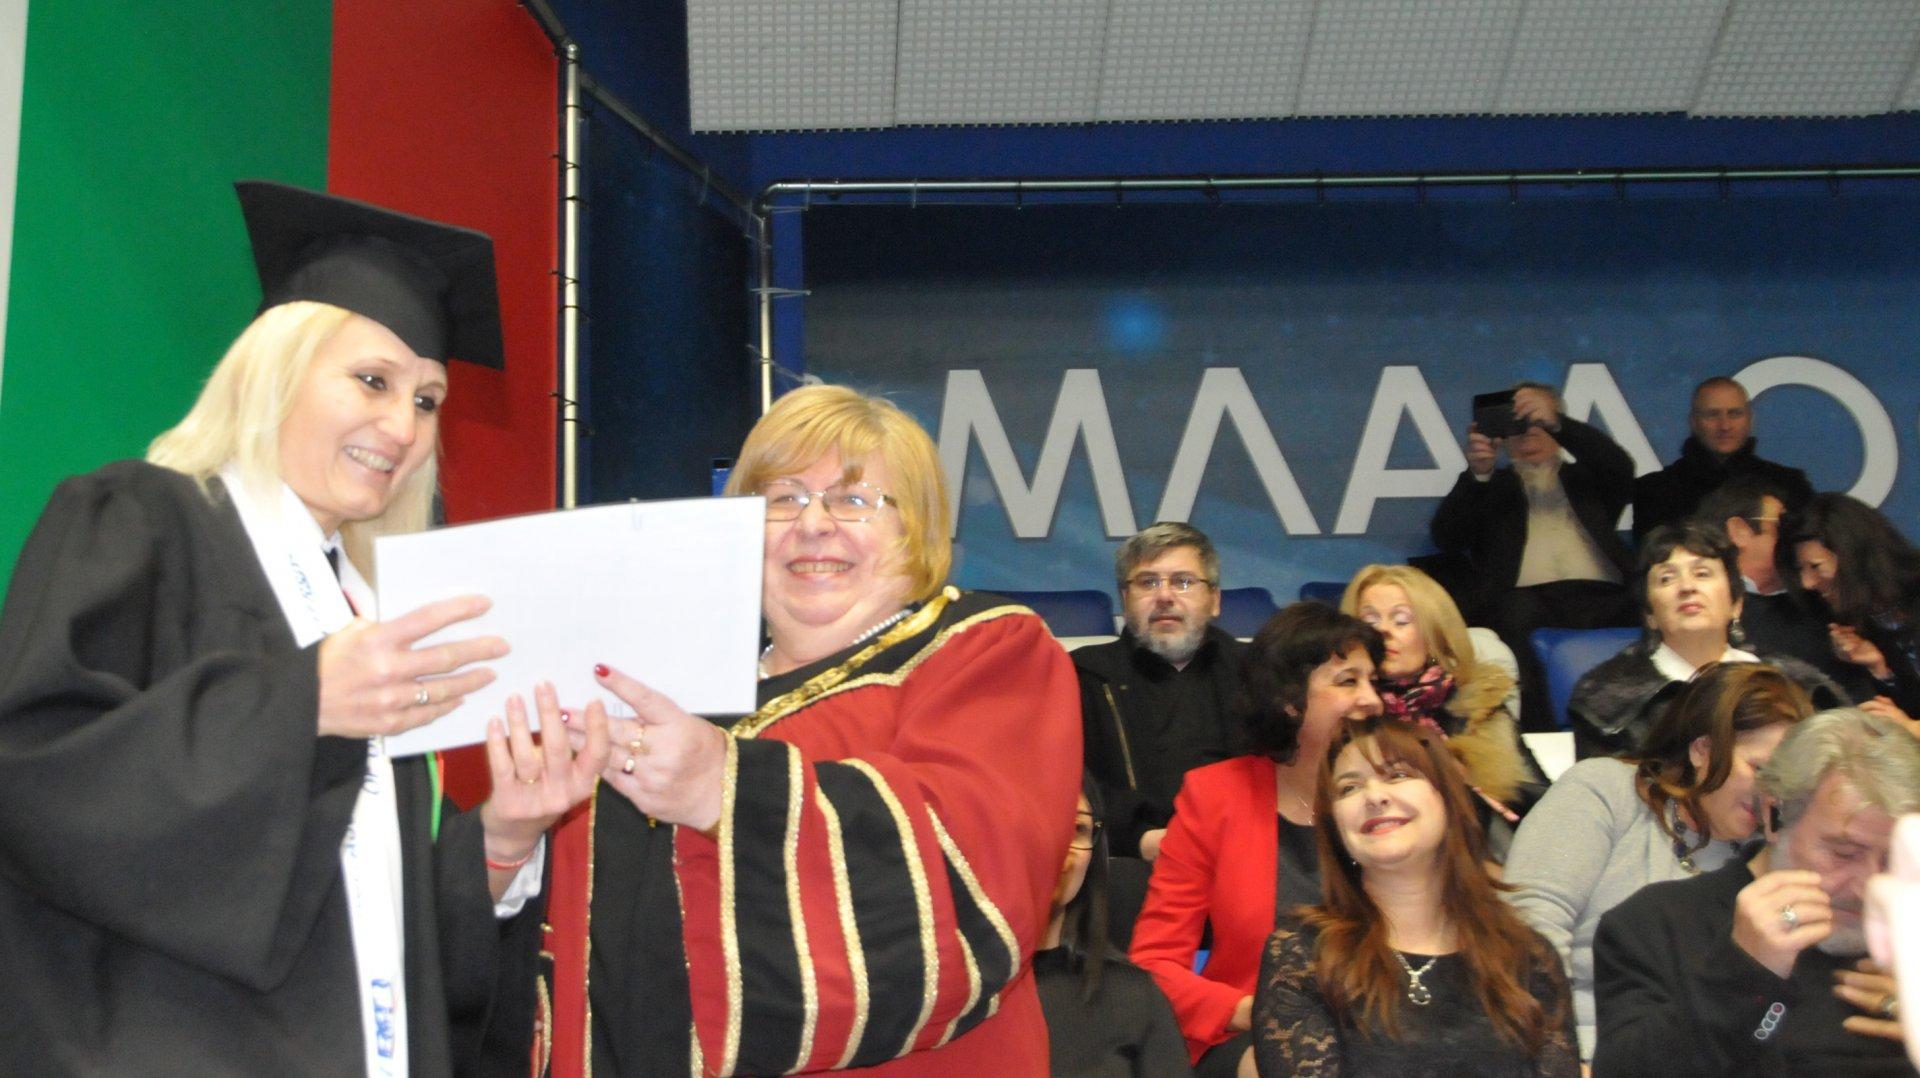 781 абсолвенти от университет Проф д-р Асен Златаров получиха дипломите си днес. Ректорът Магдалена Миткова връчи свидетелствата на 7-те пълни отличници. Снимка Лина Главинова